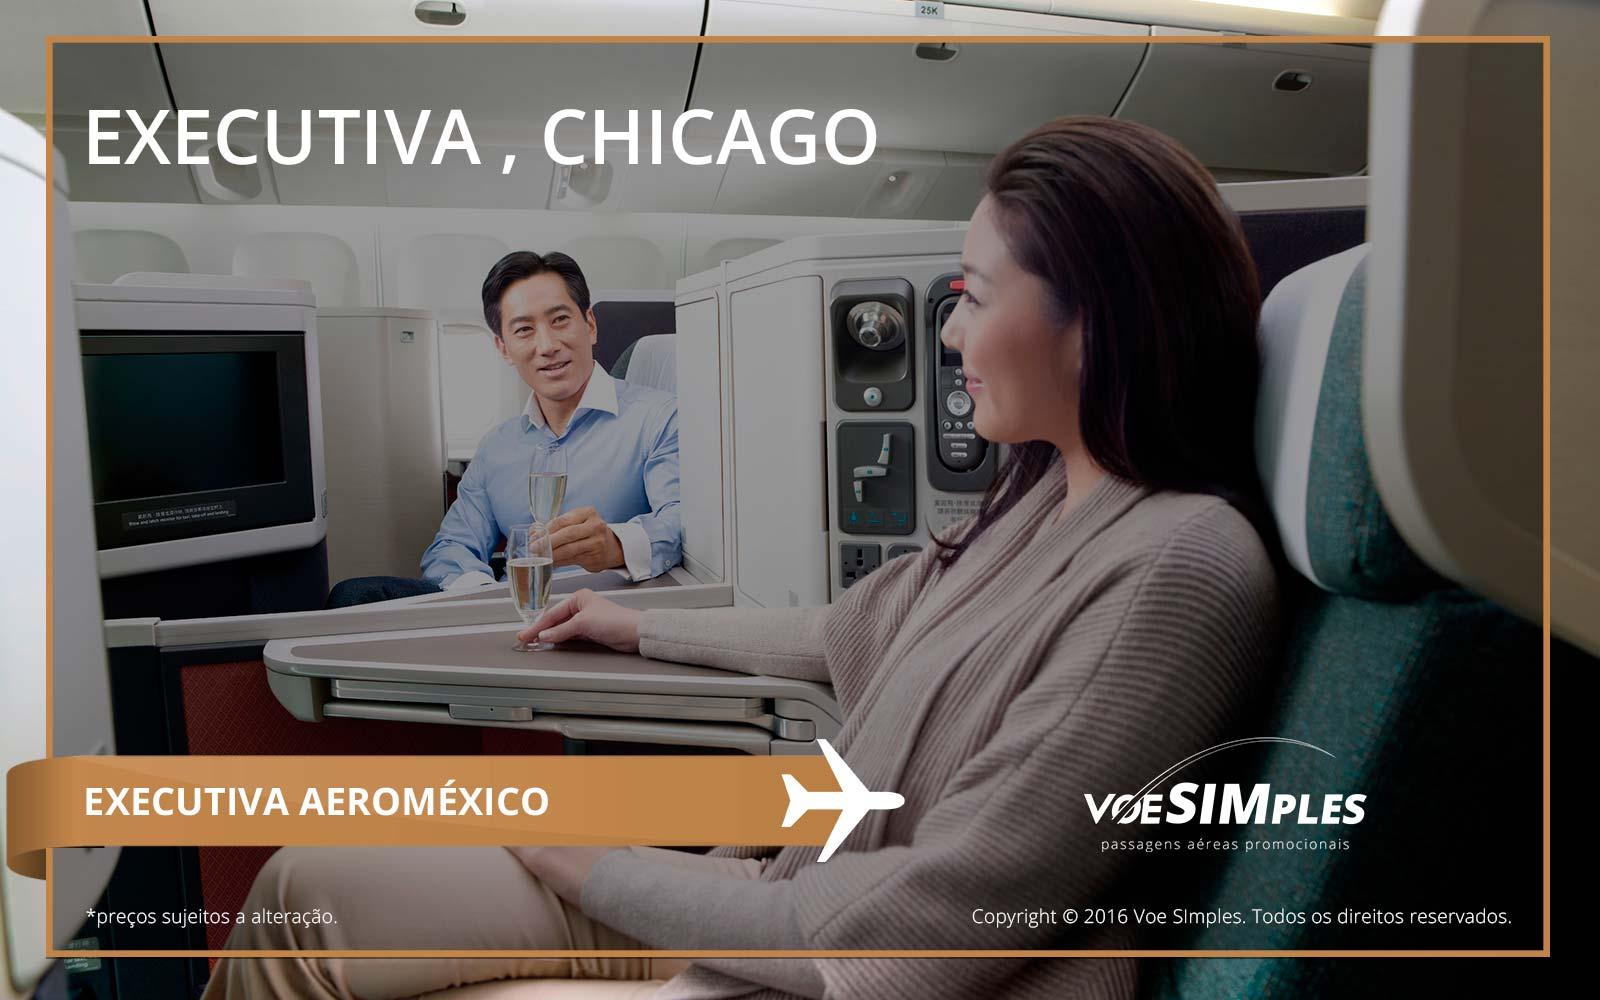 Passagem aérea Classe Executiva Aeroméxico para Chicago